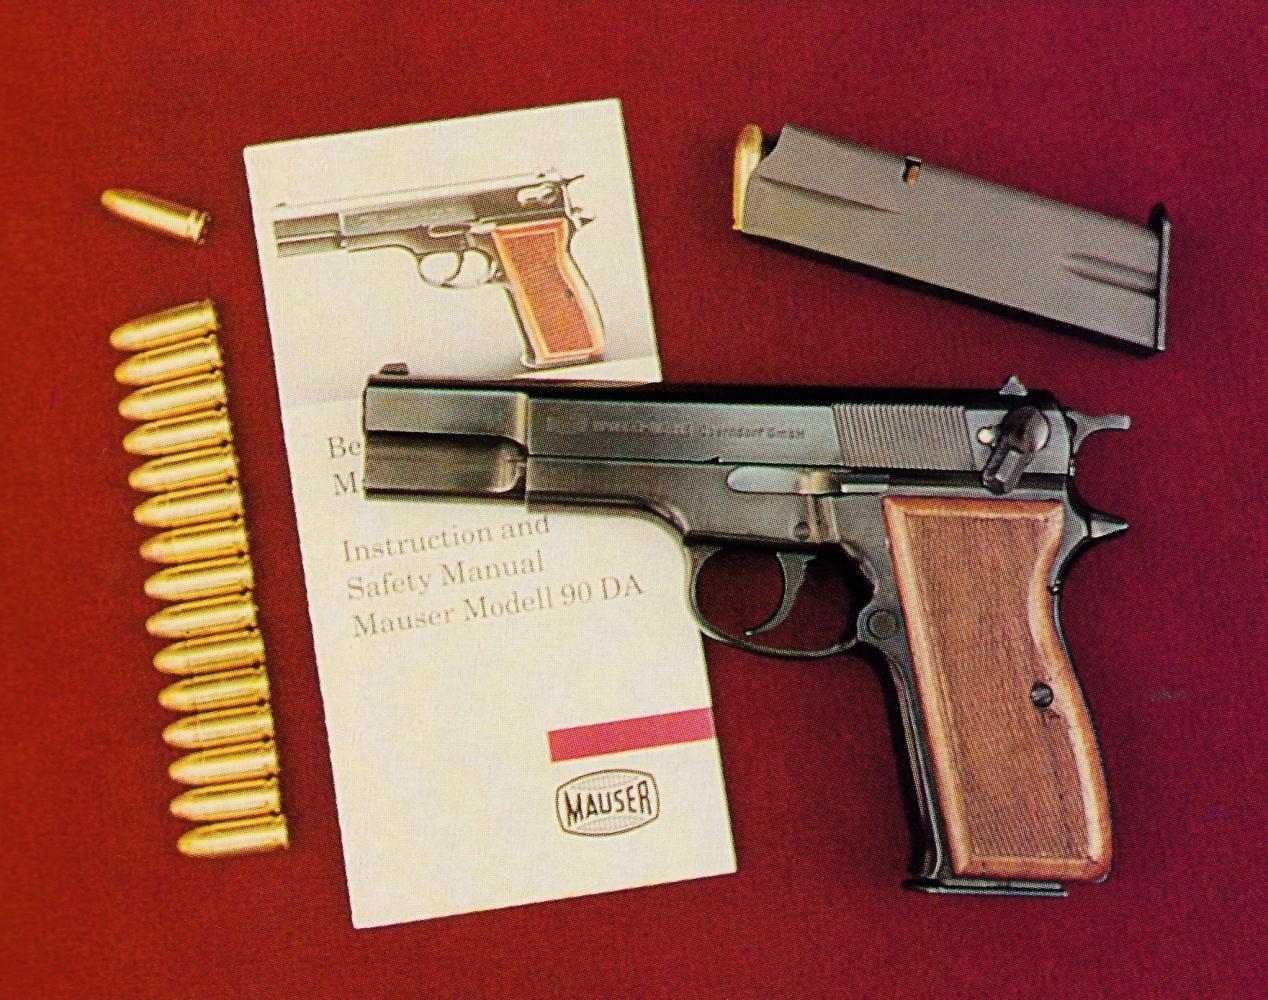 La capacité du Mauser est de 16 cartouches, 15 dans le chargeur, en deux piles imbriquées, et une dans la chambre.